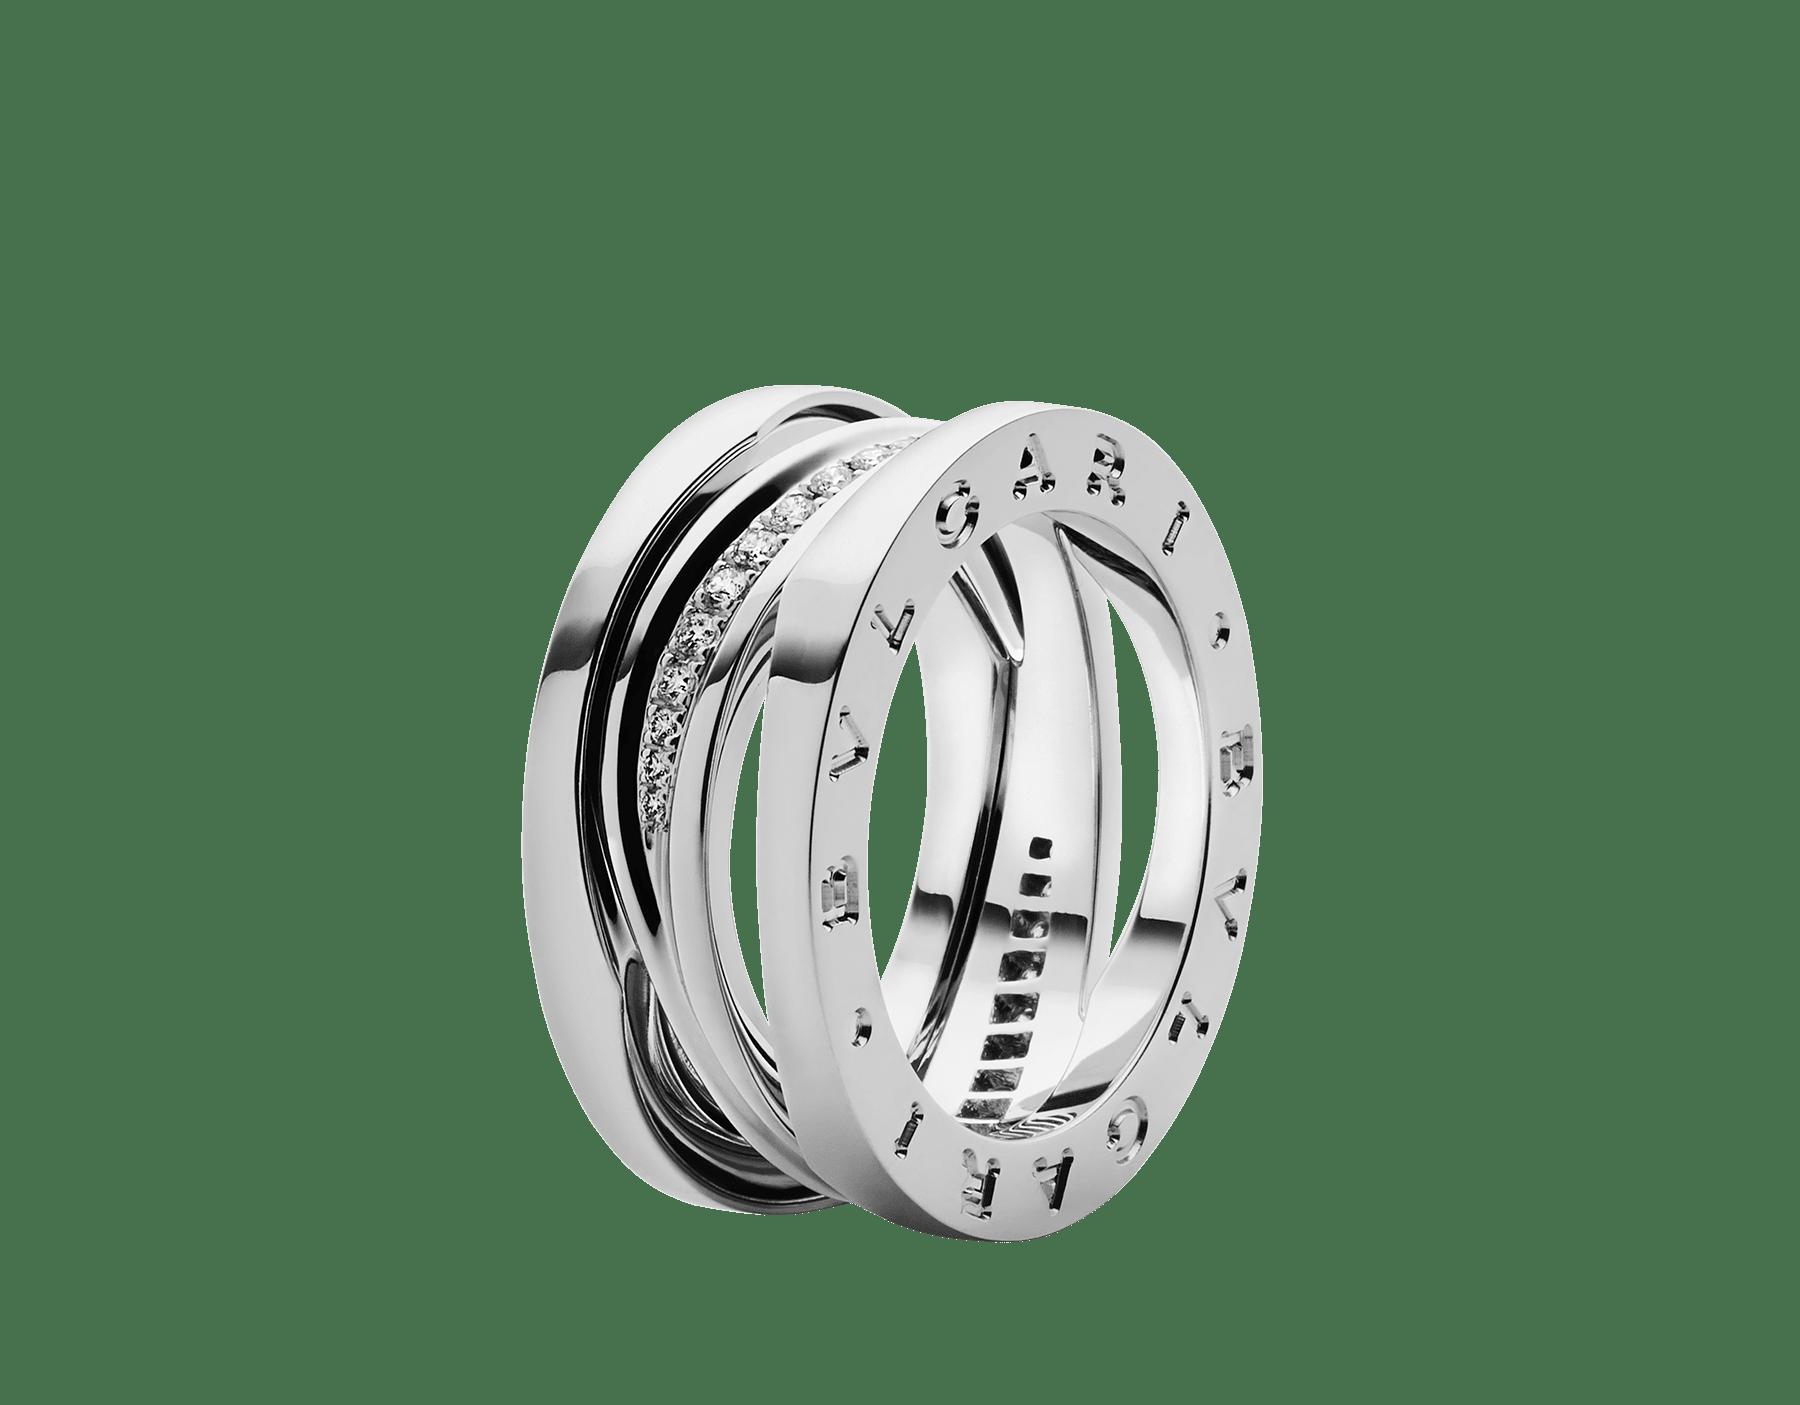 Bague B.zero1 Design Legend en or blanc 18K avec pavé diamants sur la spirale. AN858378 image 1